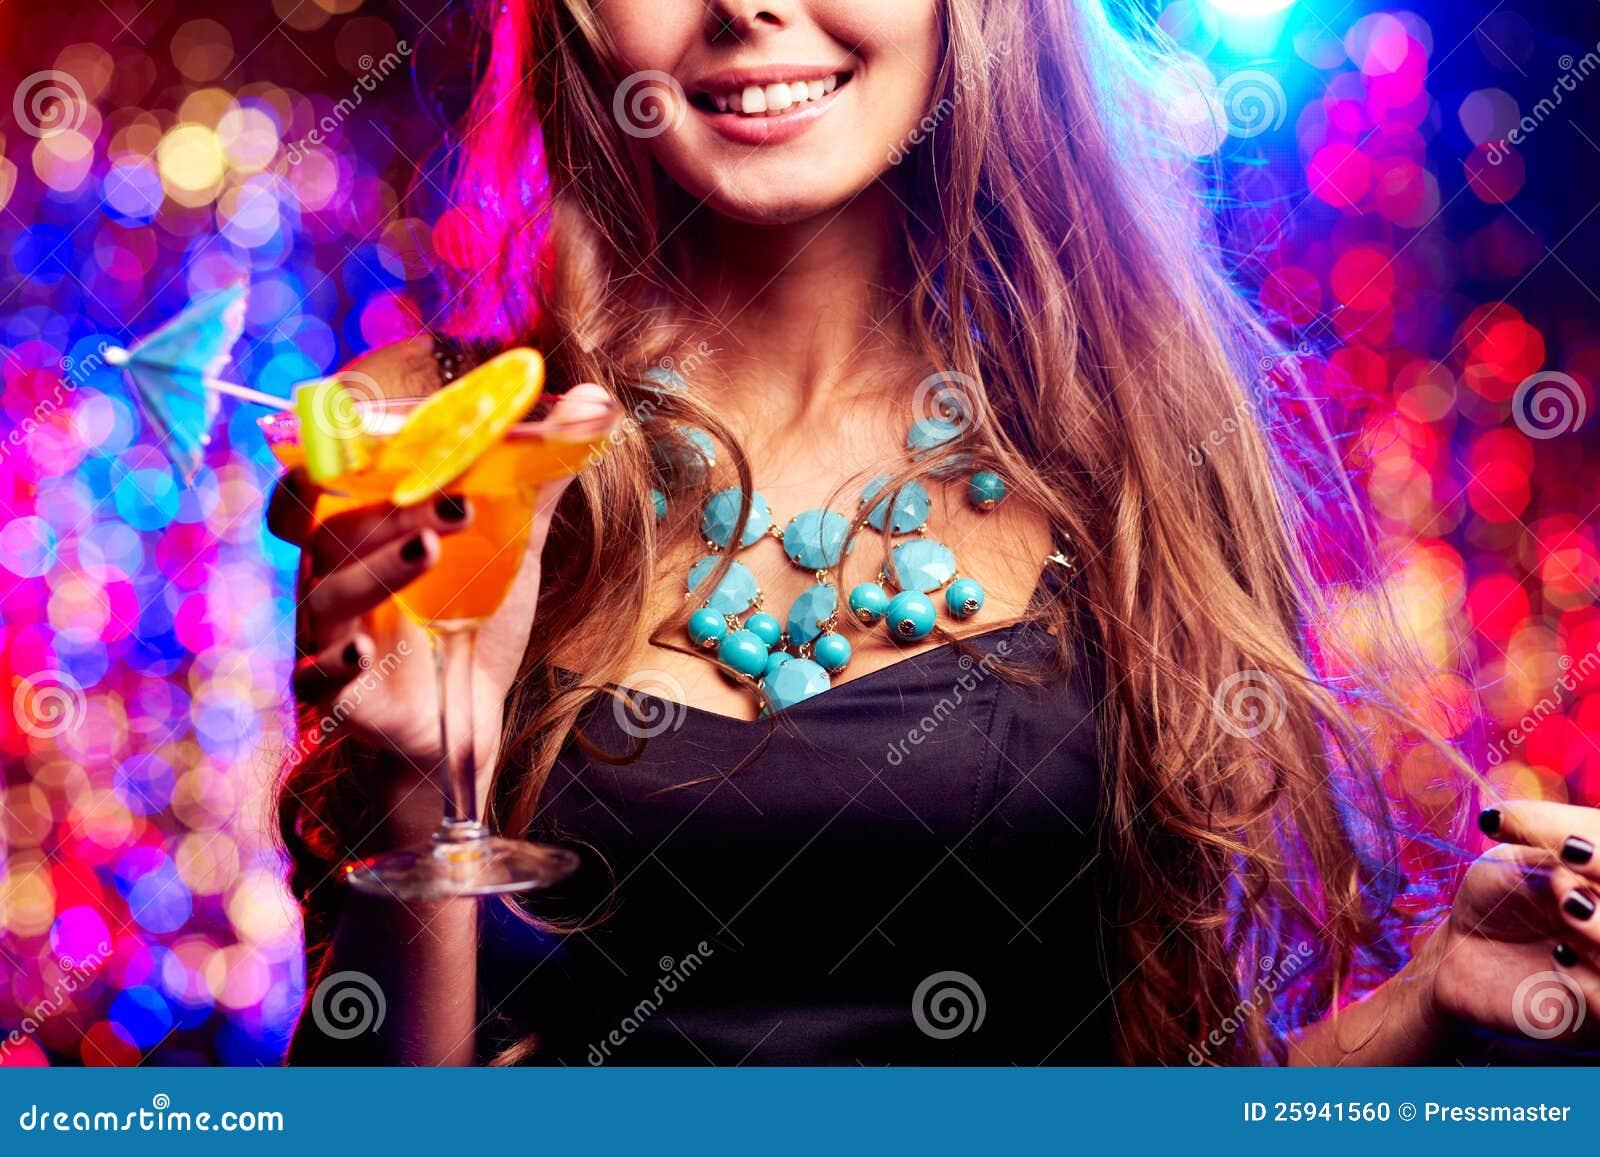 Фото клубных брюнеток, Брюнетки: фото со спины 29 фотография